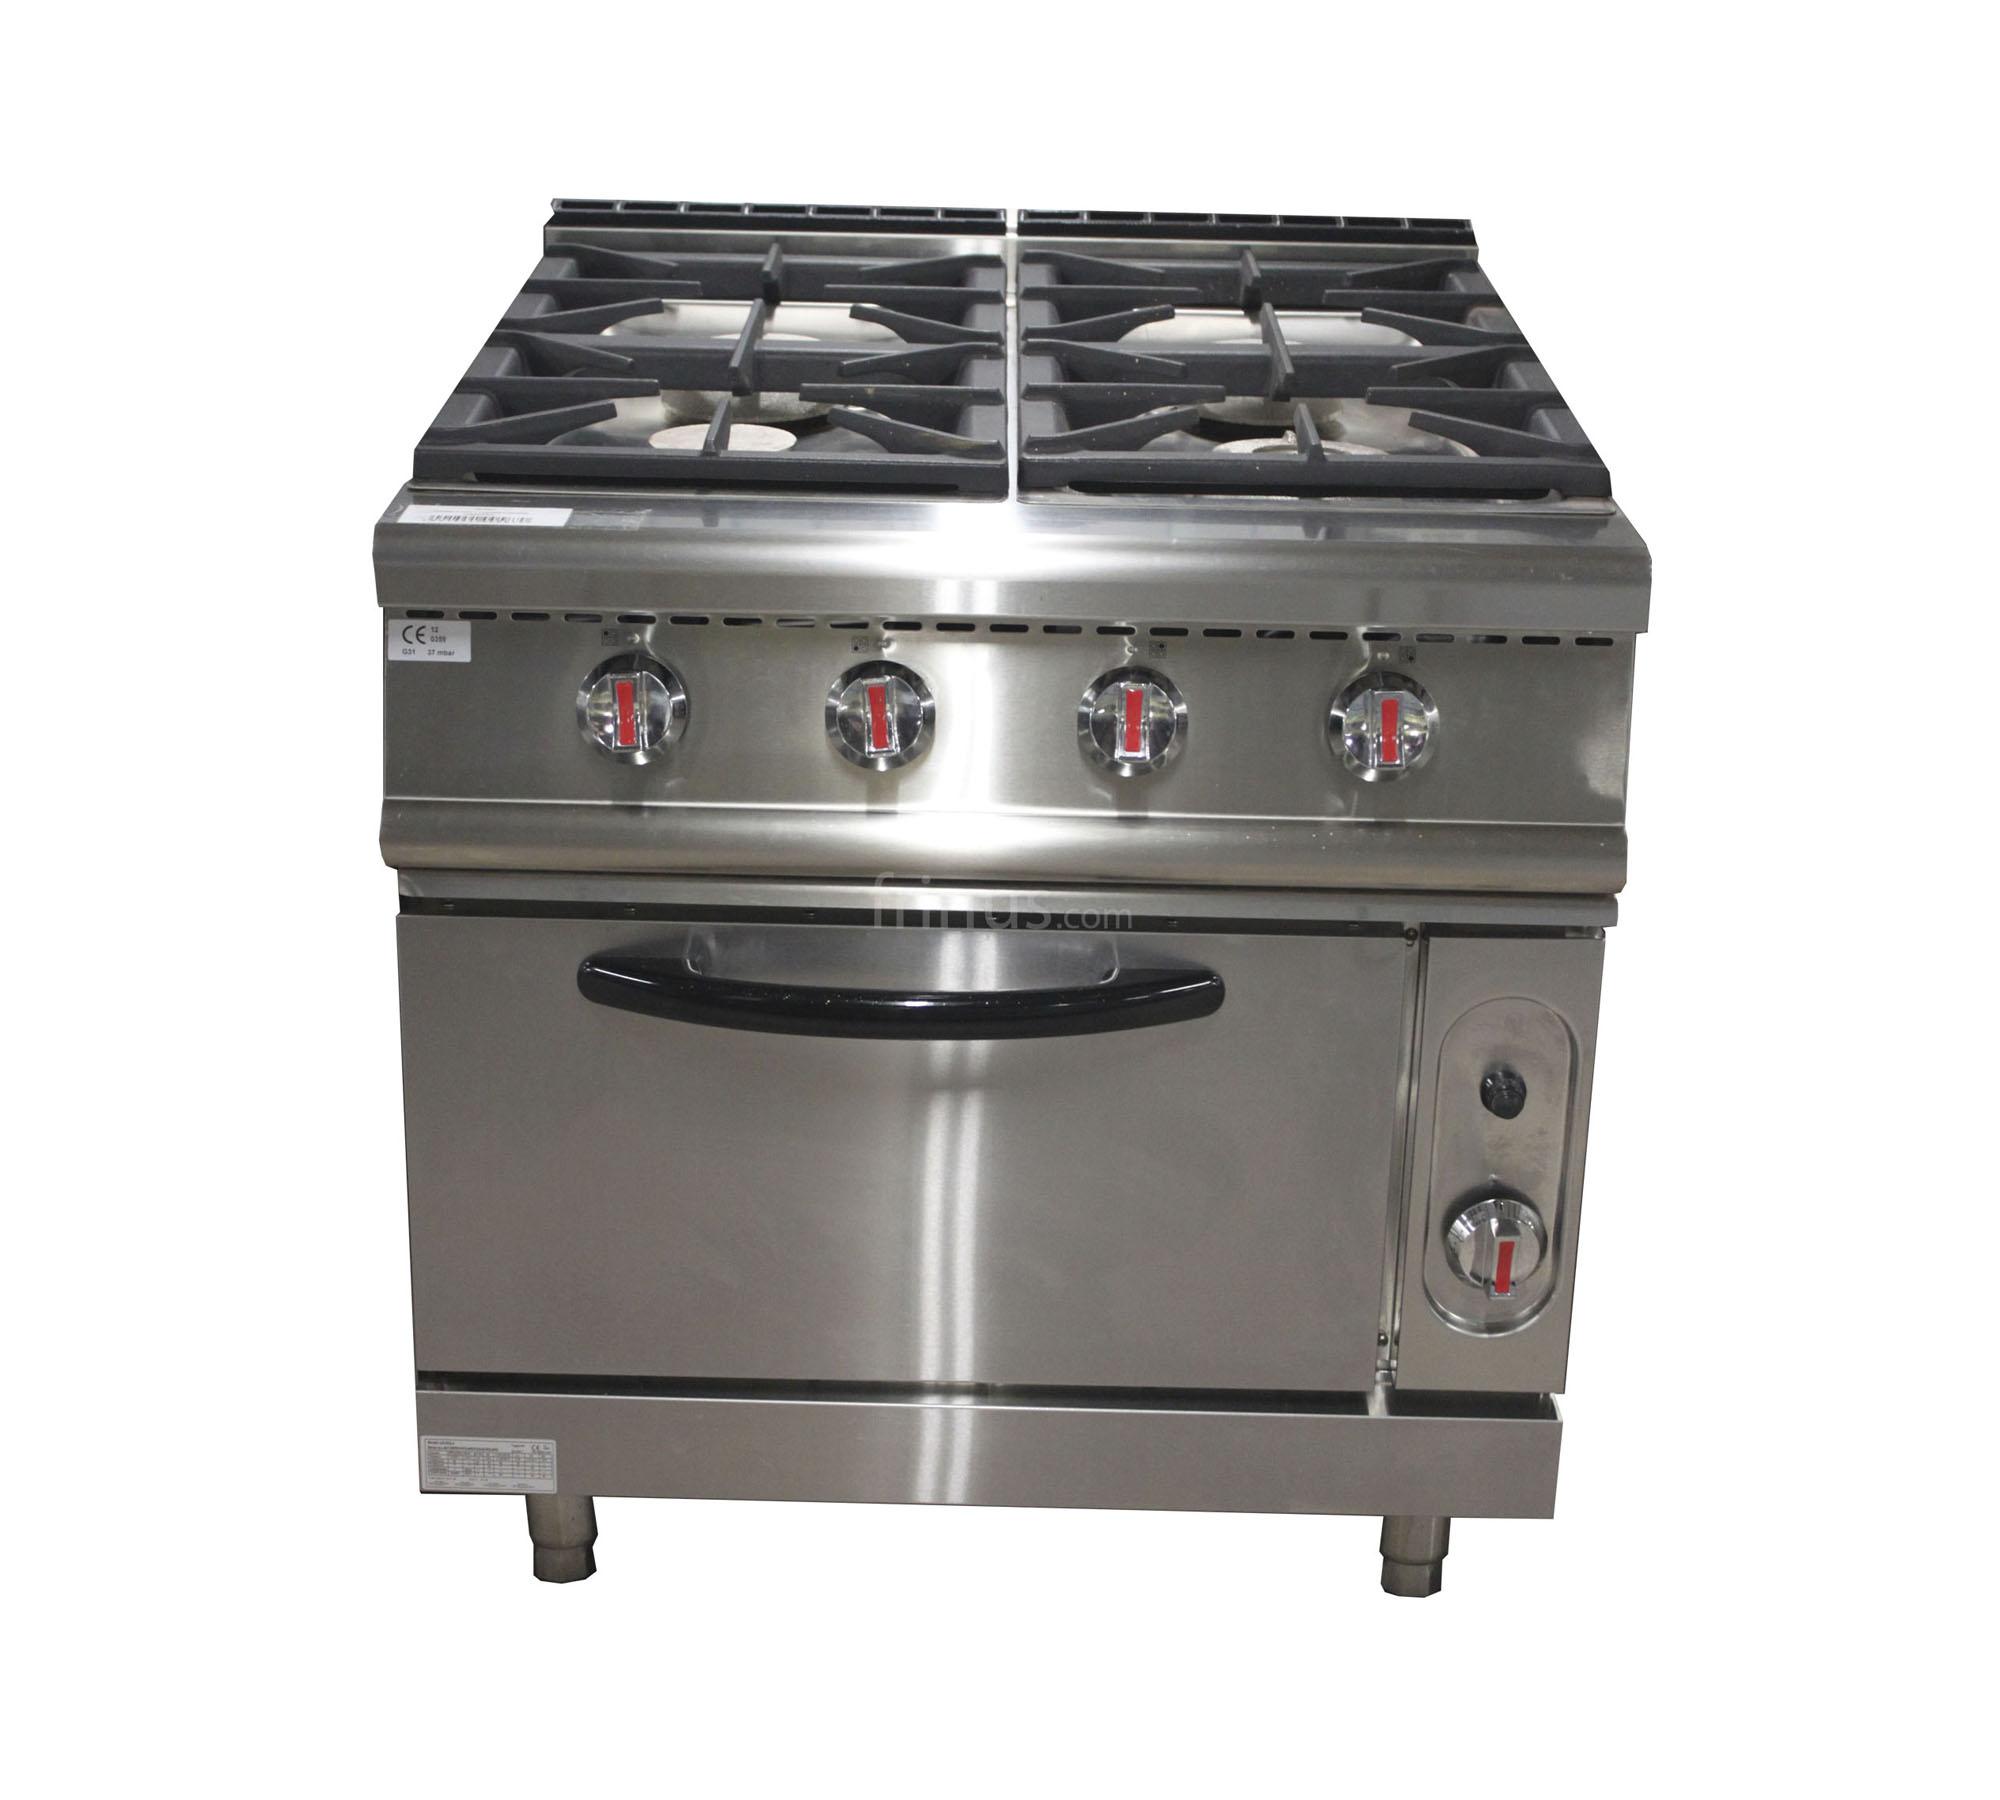 Bonito cocina a gas con horno fotos precio cocina de gas for Electrodomesticos industriales segunda mano